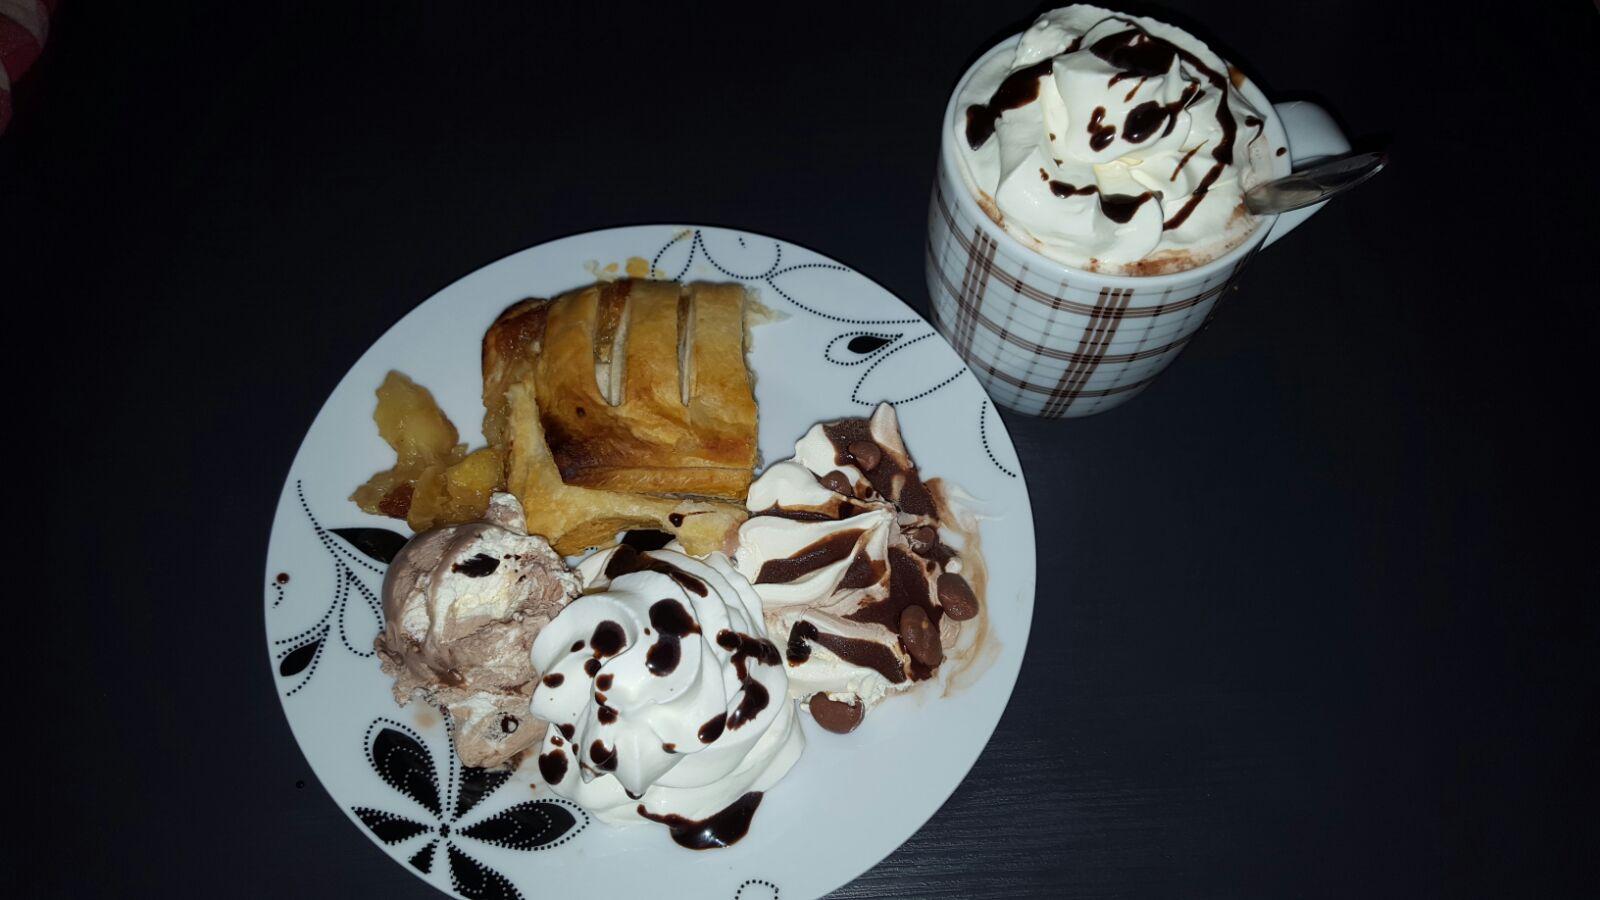 Einfach nur lecker - iSi Dessert Whip PLUS - kjero.com